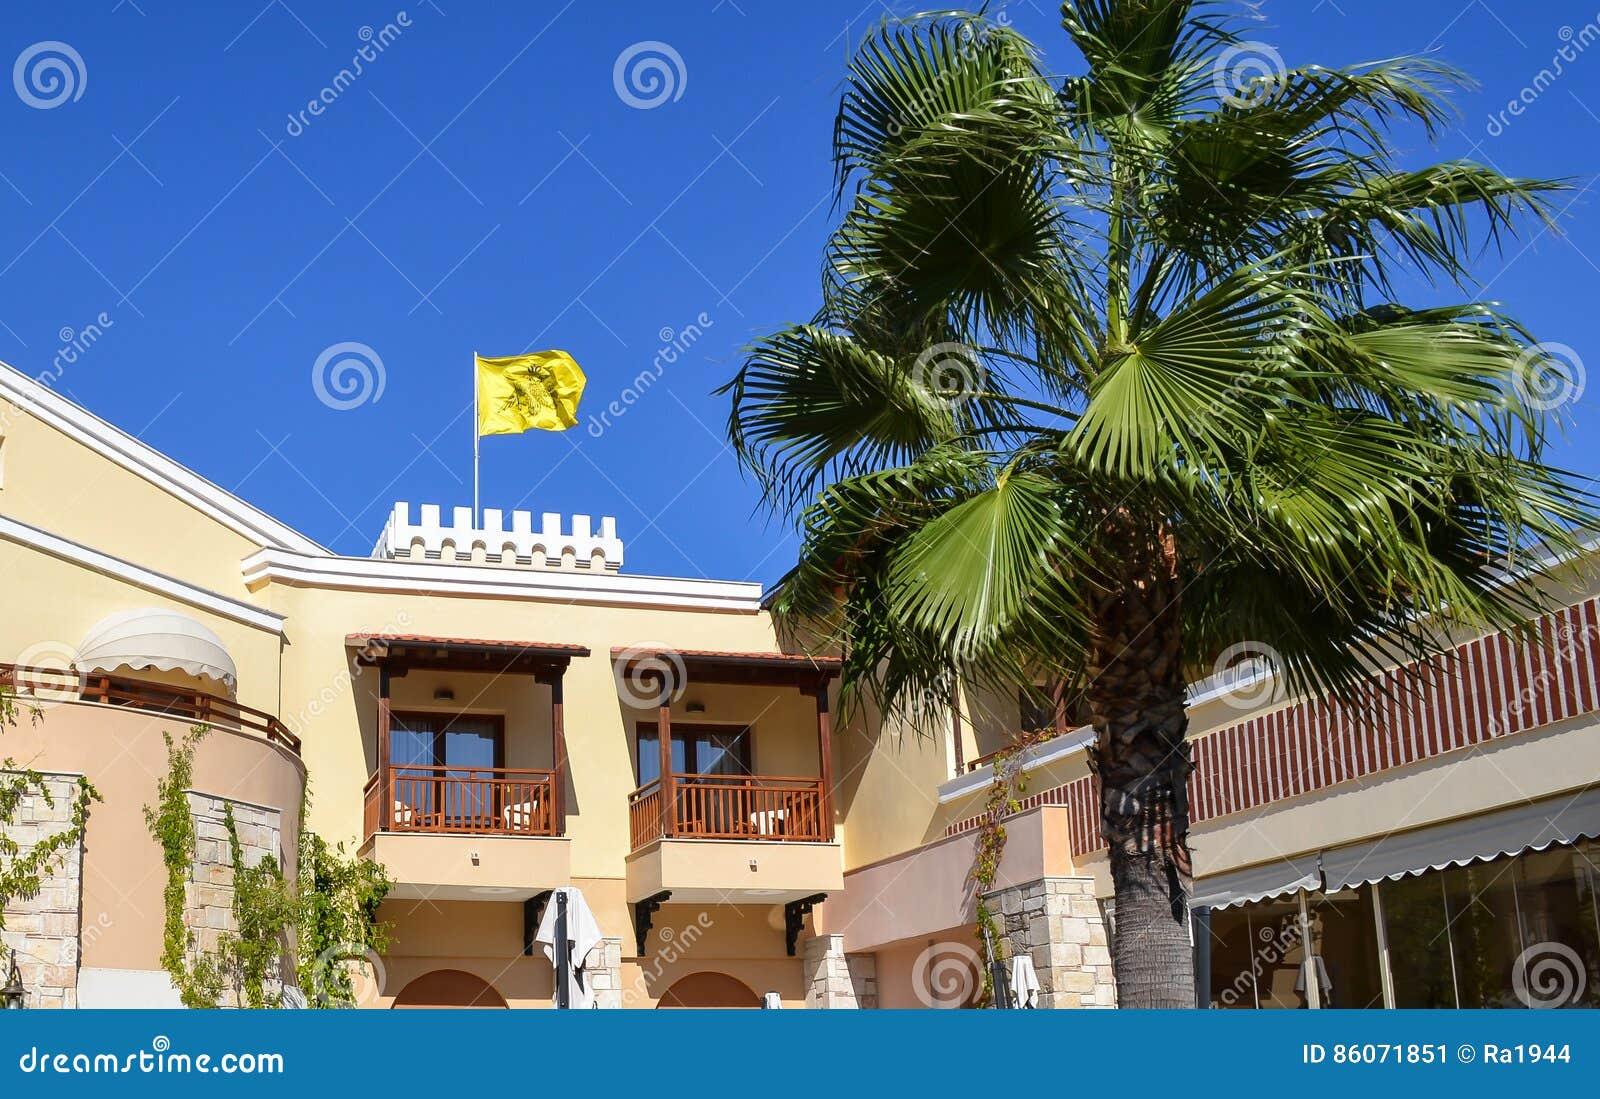 Bandiera gialla bizantino sopra la costruzione in Grecia